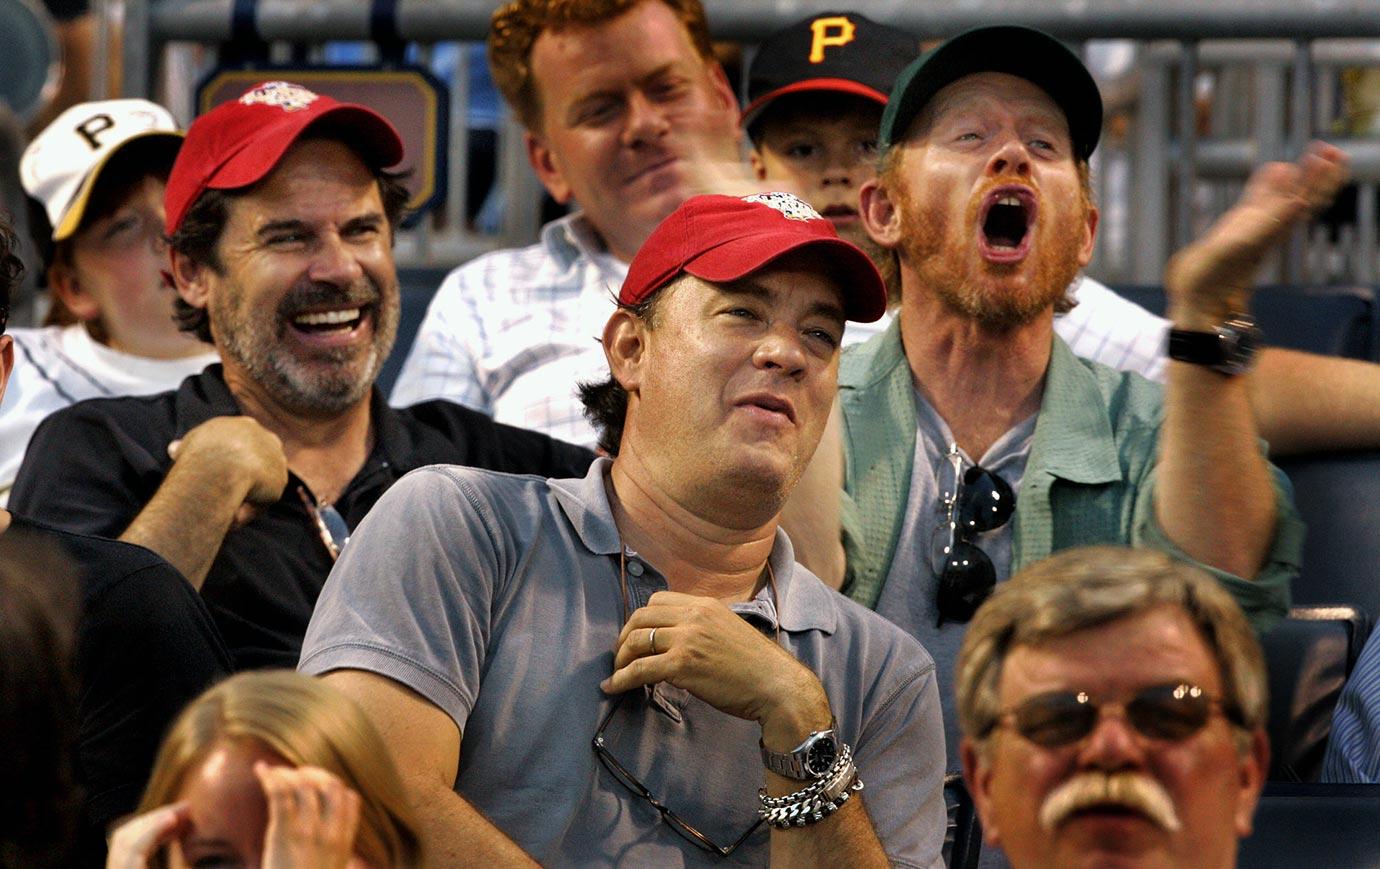 July 18, 2006: Colorado Rockies at Pittsburgh Pirates